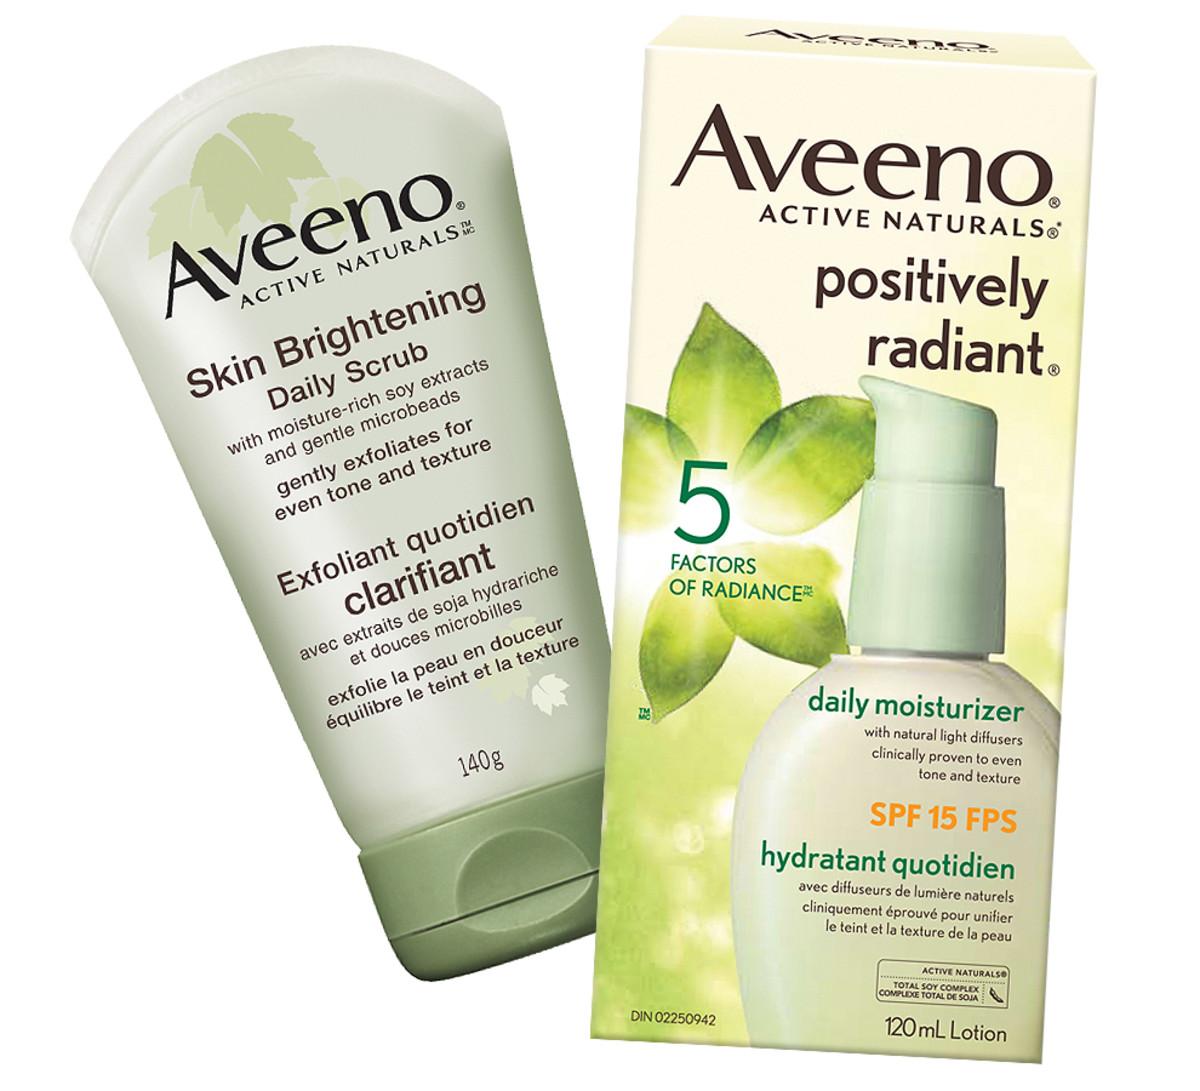 Jennifer Aniston TIFF 2014_Aveeno Brightening Daily Scrub_Aveeno Positively Radiant SPF 15 Moisturizer